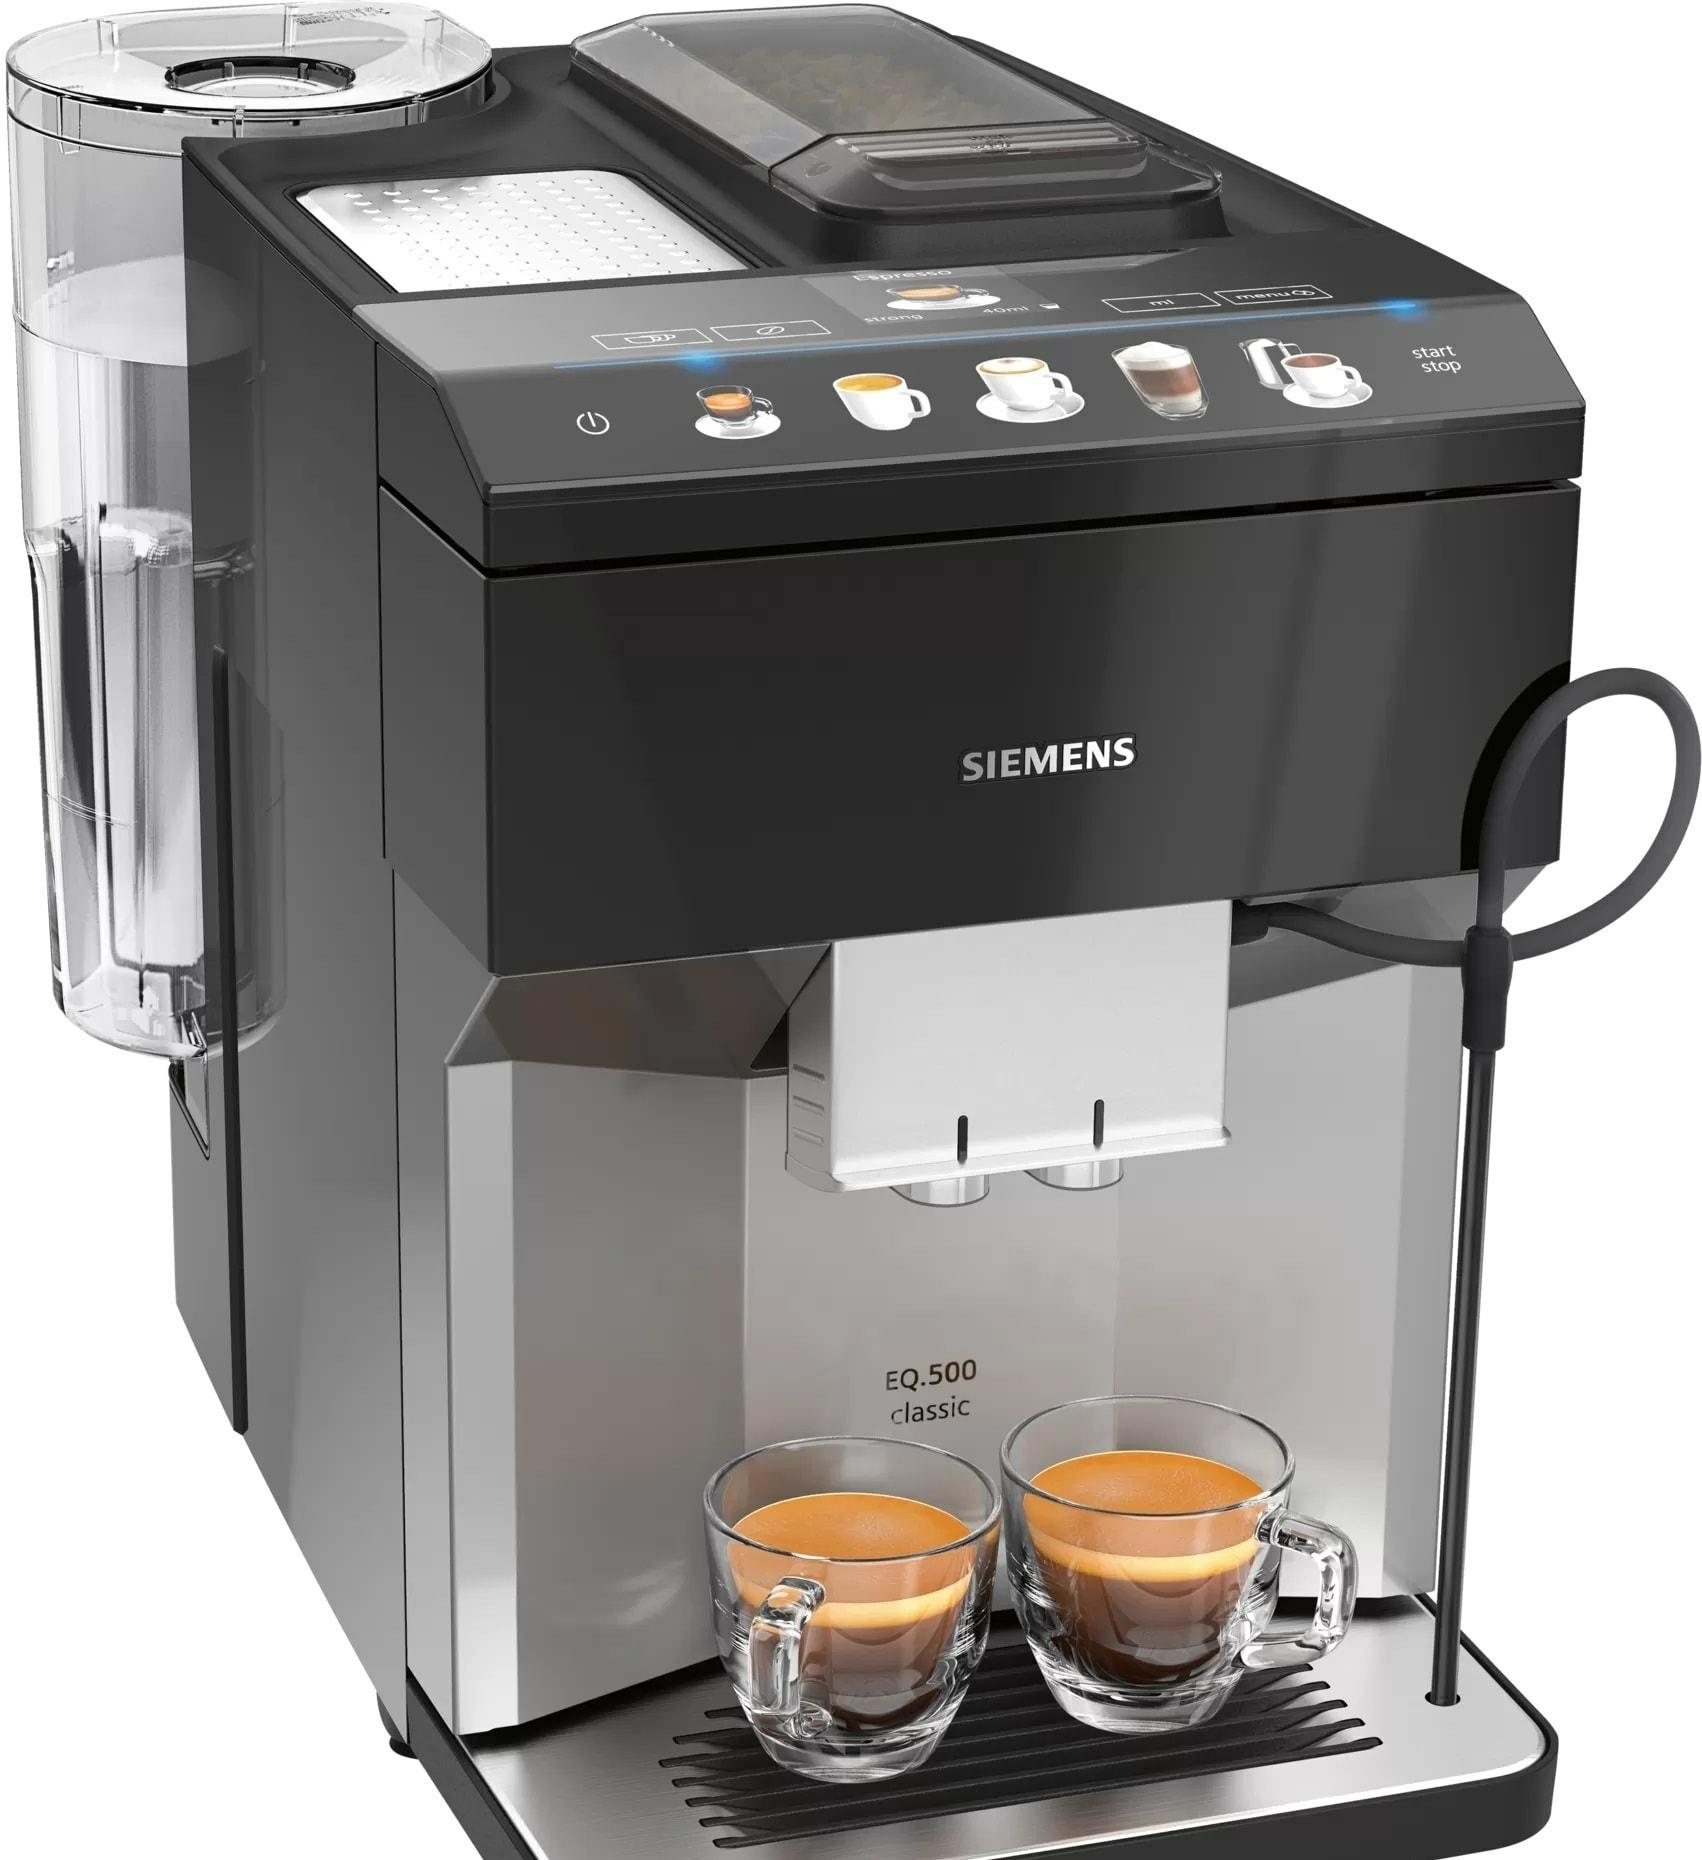 Эспрессо кофемашина Siemens EQ.500 classic TP507R04